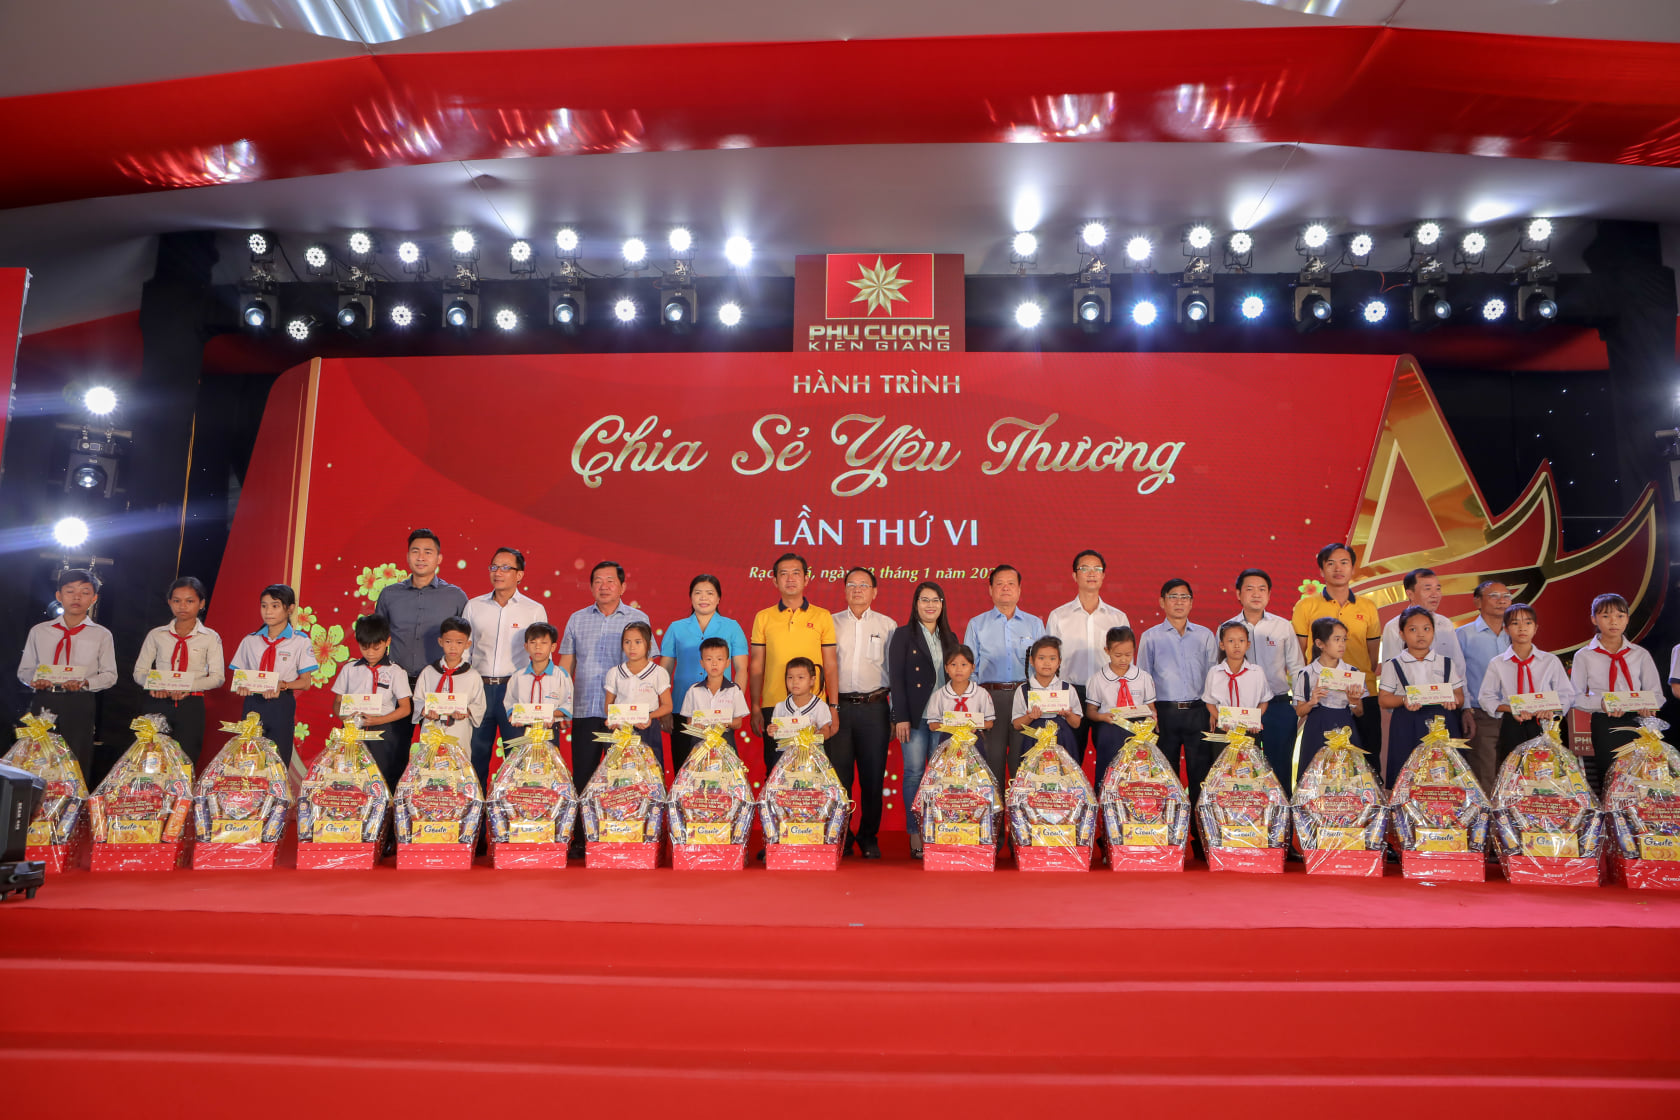 Phú Cường Kiên Giang trao 2.500 phần quà Tết cho các gia đình khó khăn.